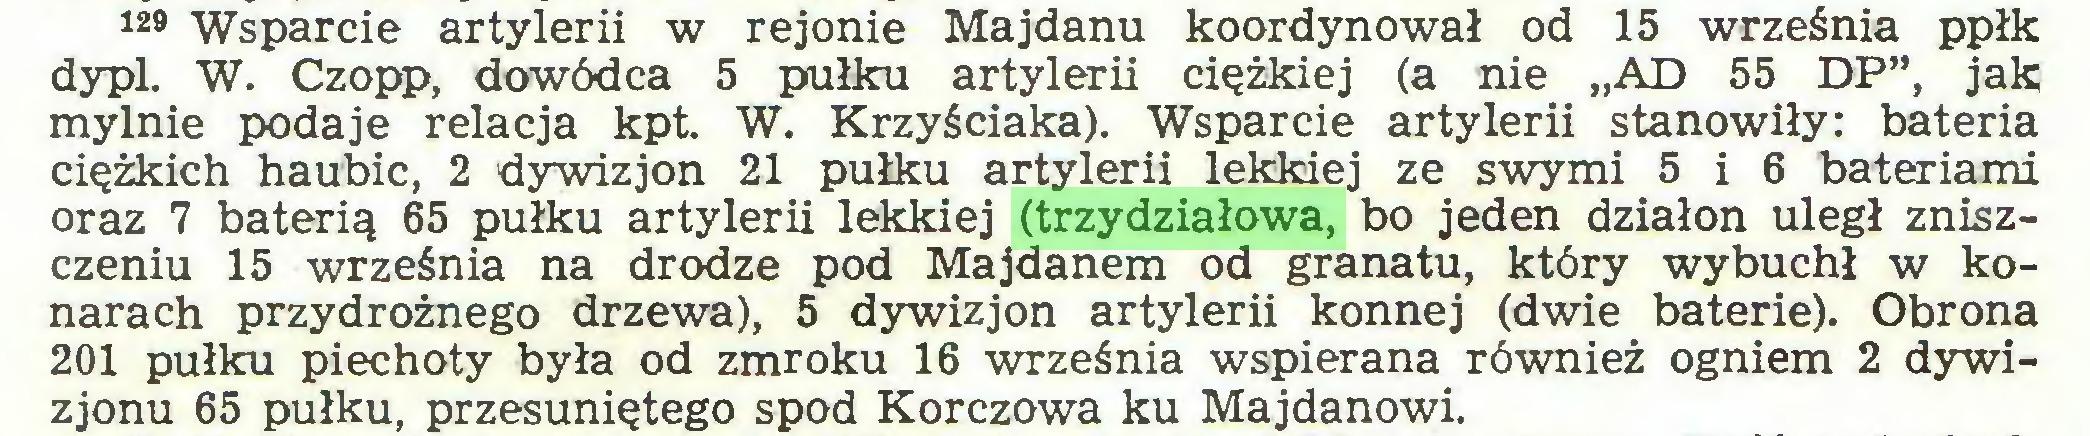 """(...) 129 Wsparcie artylerii w rejonie Majdanu koordynował od 15 września ppłk dypl. W. Czopp, dowódca 5 pułku artylerii ciężkiej (a nie """"AD 55 DP"""", jak mylnie podaje relacja kpt. W. Krzyściaka). Wsparcie artylerii stanowiły: bateria ciężkich haubic, 2 dywizjon 21 pułku artylerii lekkiej ze swymi 5 i 6 bateriami oraz 7 baterią 65 pułku artylerii lekkiej (trzydziałowa, bo jeden działon uległ zniszczeniu 15 września na drodze pod Majdanem od granatu, który wybuchł w konarach przydrożnego drzewa), 5 dywizjon artylerii konnej (dwie baterie). Obrona 201 pułku piechoty była od zmroku 16 września wspierana również ogniem 2 dywizjonu 65 pułku, przesuniętego spod Korczowa ku Majdanowi..."""